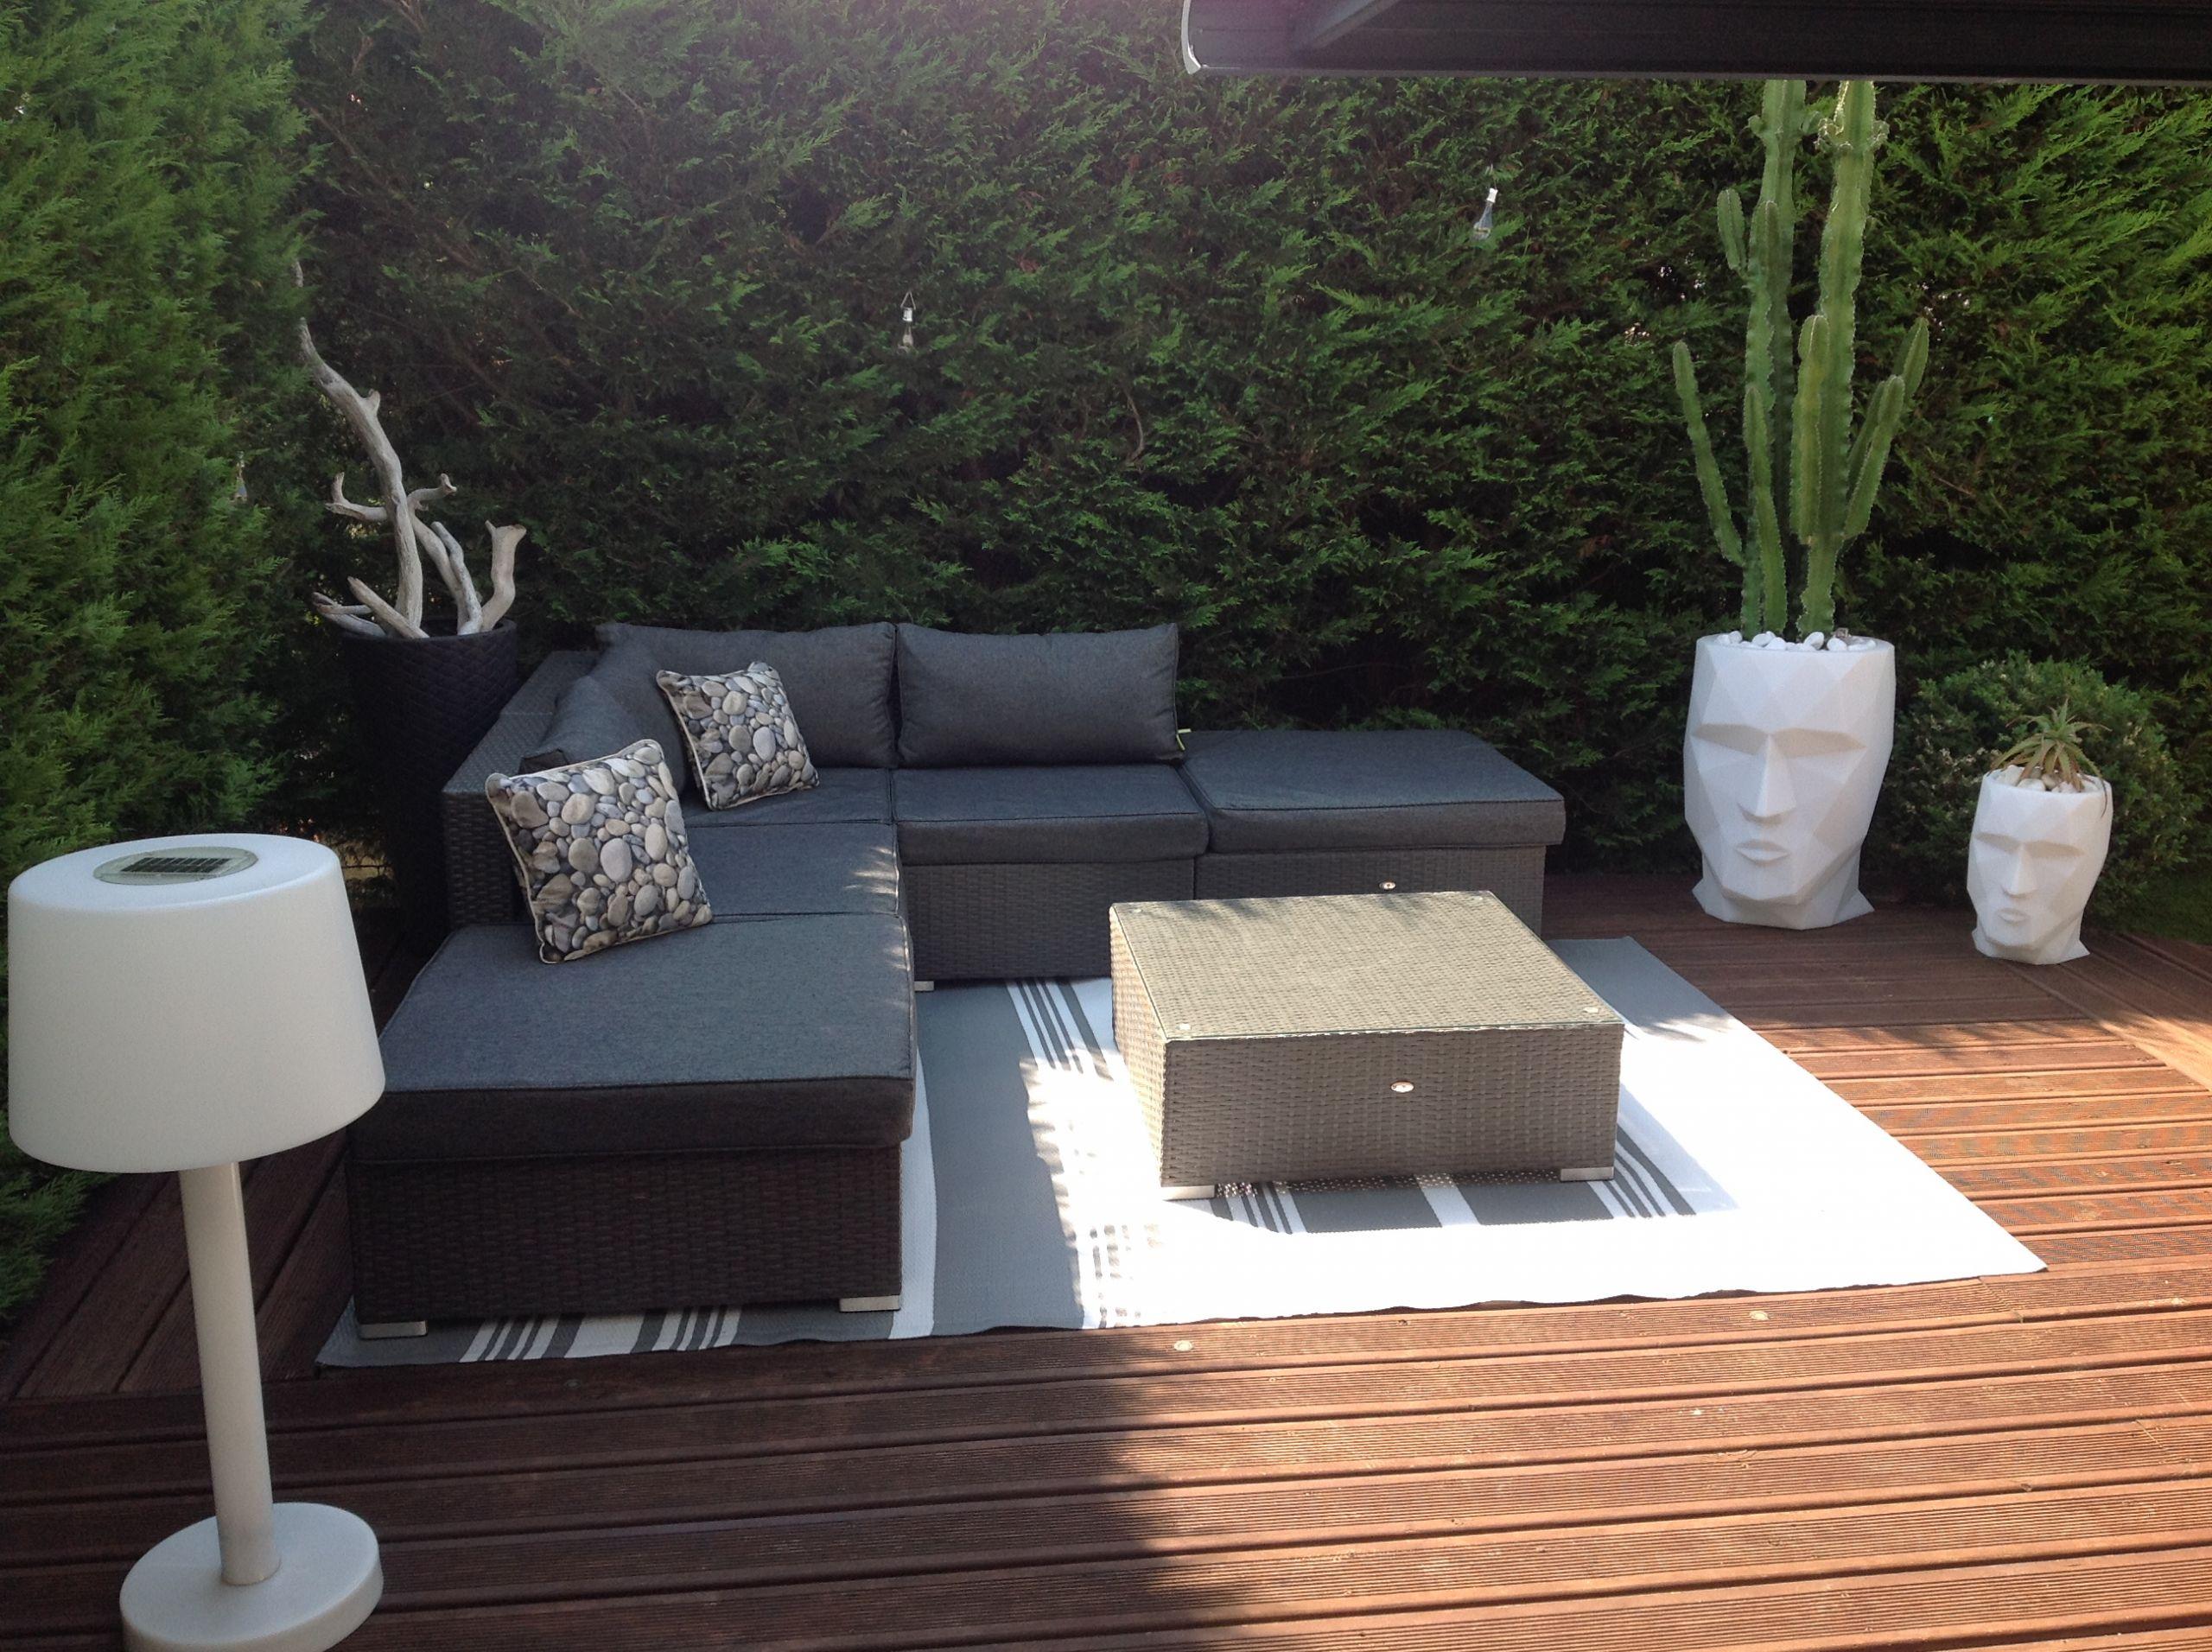 35 Best Of Destockage Salon De Jardin Resine Tressee   Salon ... pour Destockage Mobilier De Jardin